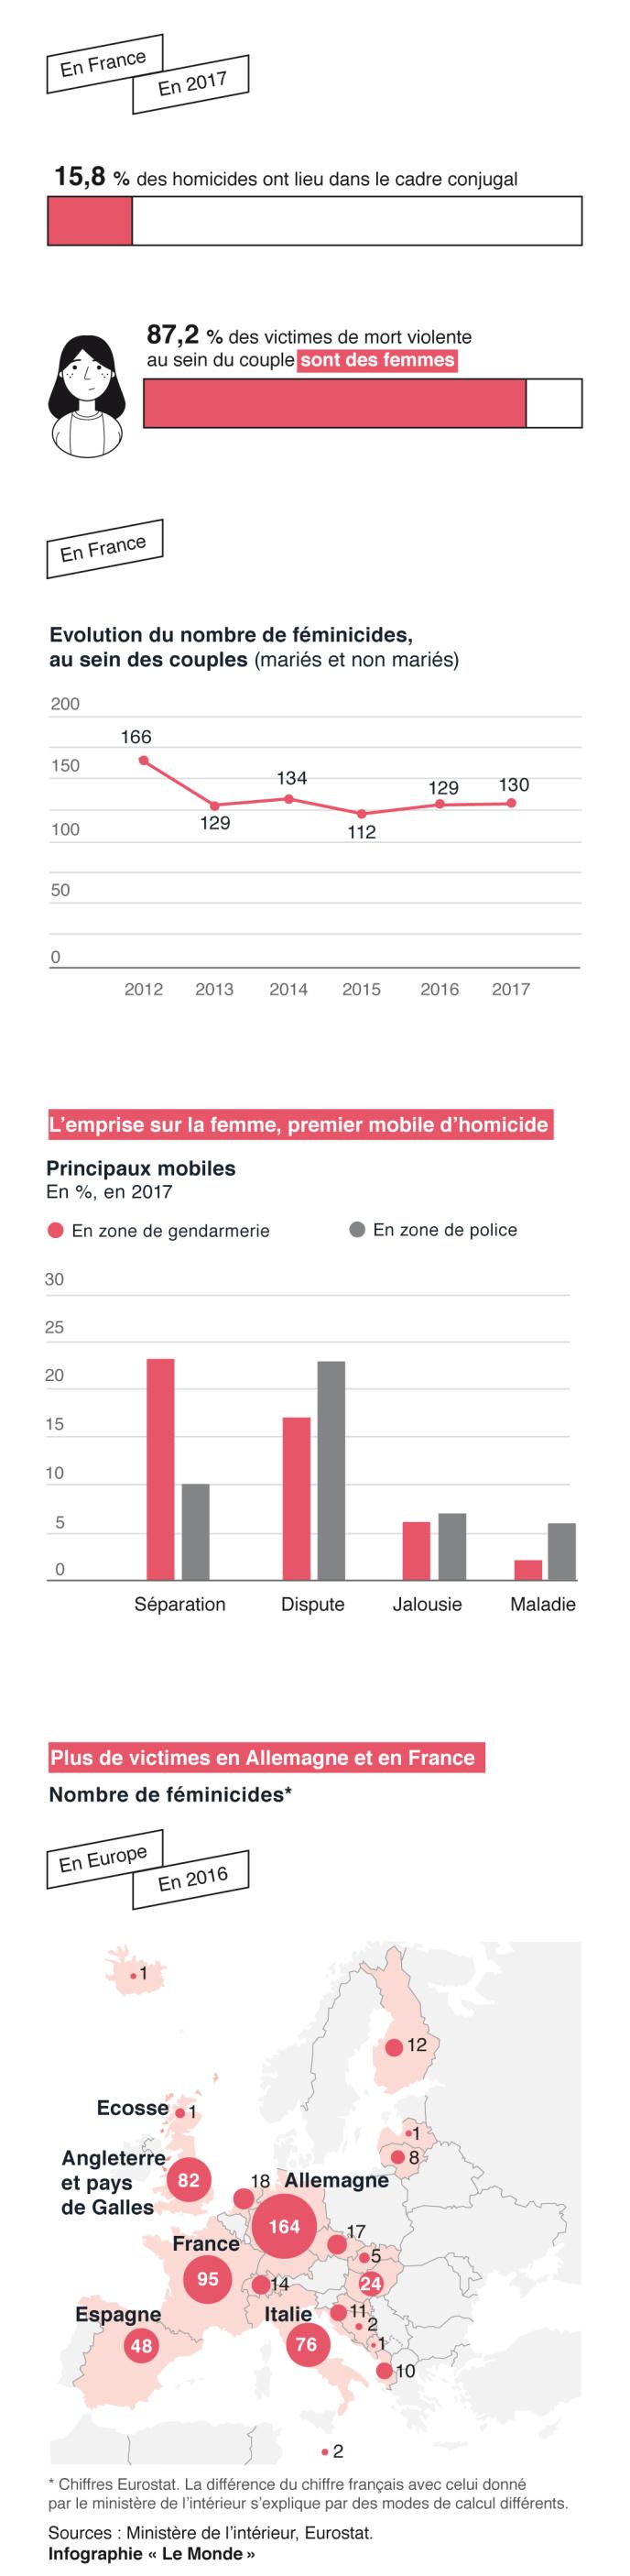 Féminicides en hausse en 2019, les plaintes des futures victimes toujours vaines dans AC ! Brest 9550229_g-9oXevEqMUKSa8MvIs2-Zjl